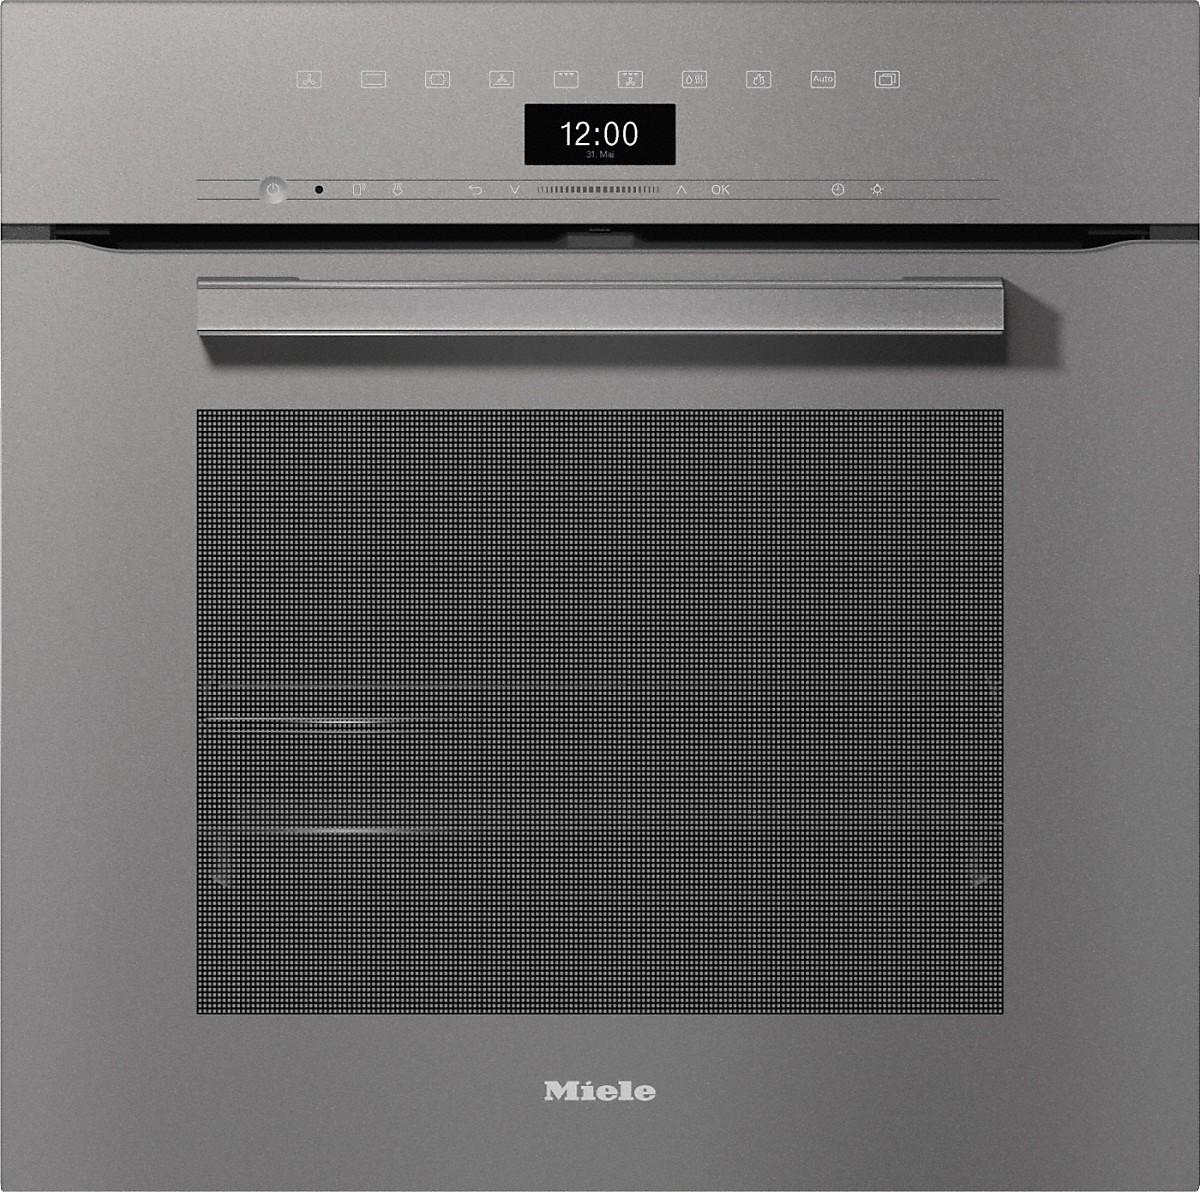 H 7460 BP   Backofen Im Perfekt Kombinierbaren Design Mit LED Beleuchtung  Und Pyrolyse.